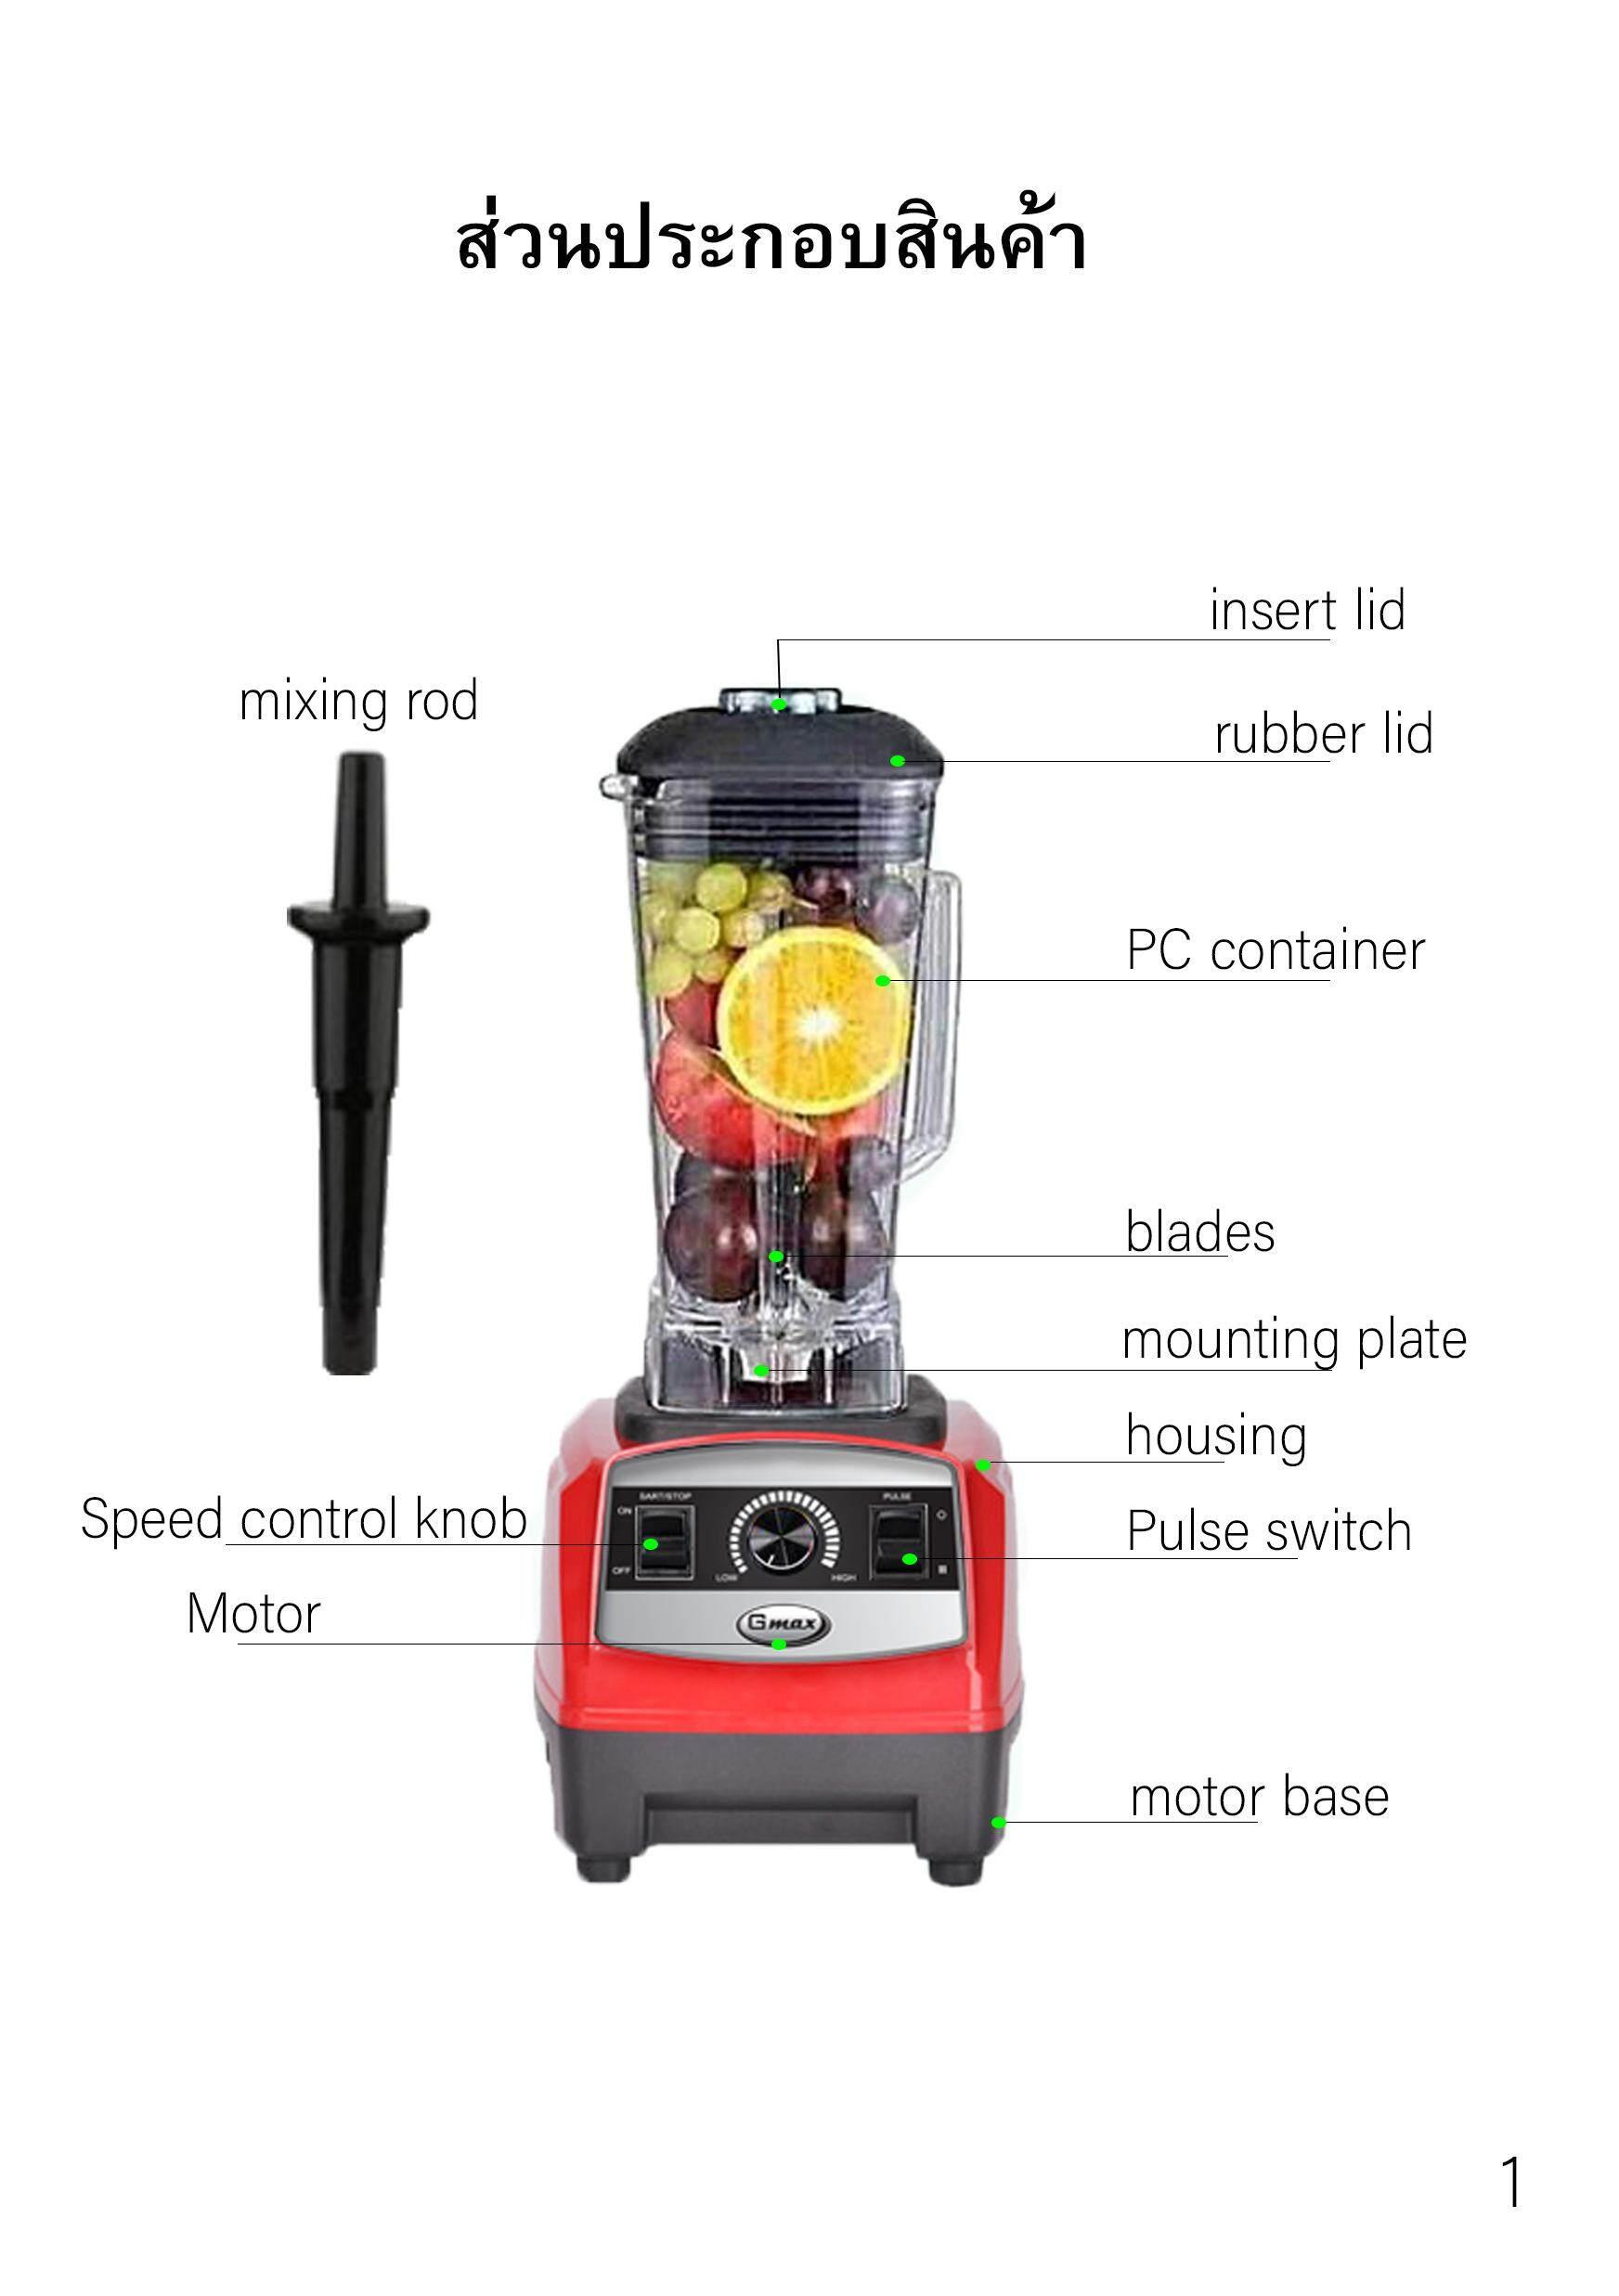 GMAX ลดราคาไฟลุก เครื่องปั่นน้ำผลไม้ 1200W 6 ใบมีด รุ่น BLR-02  ส่งฟรี รับประกัน 1 ปี ส่งฟรีเคอร์รี่